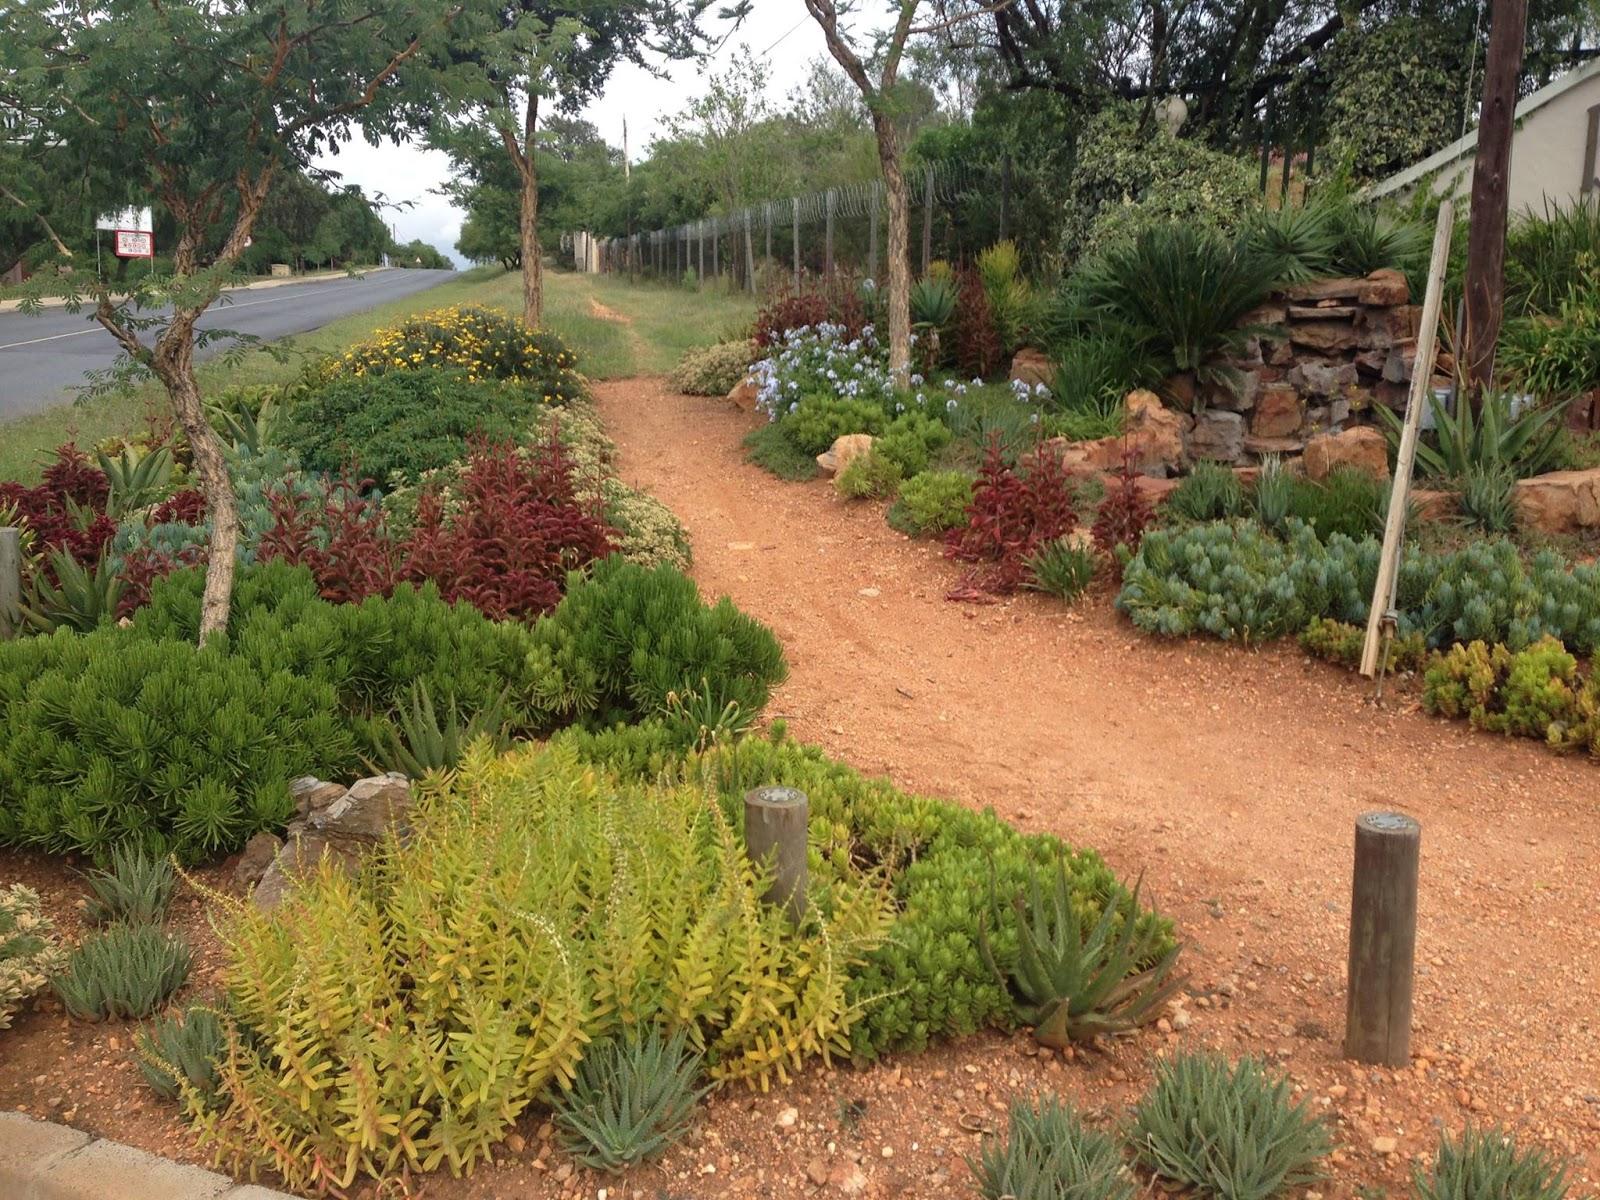 gardening in africa a week of gardening ideas